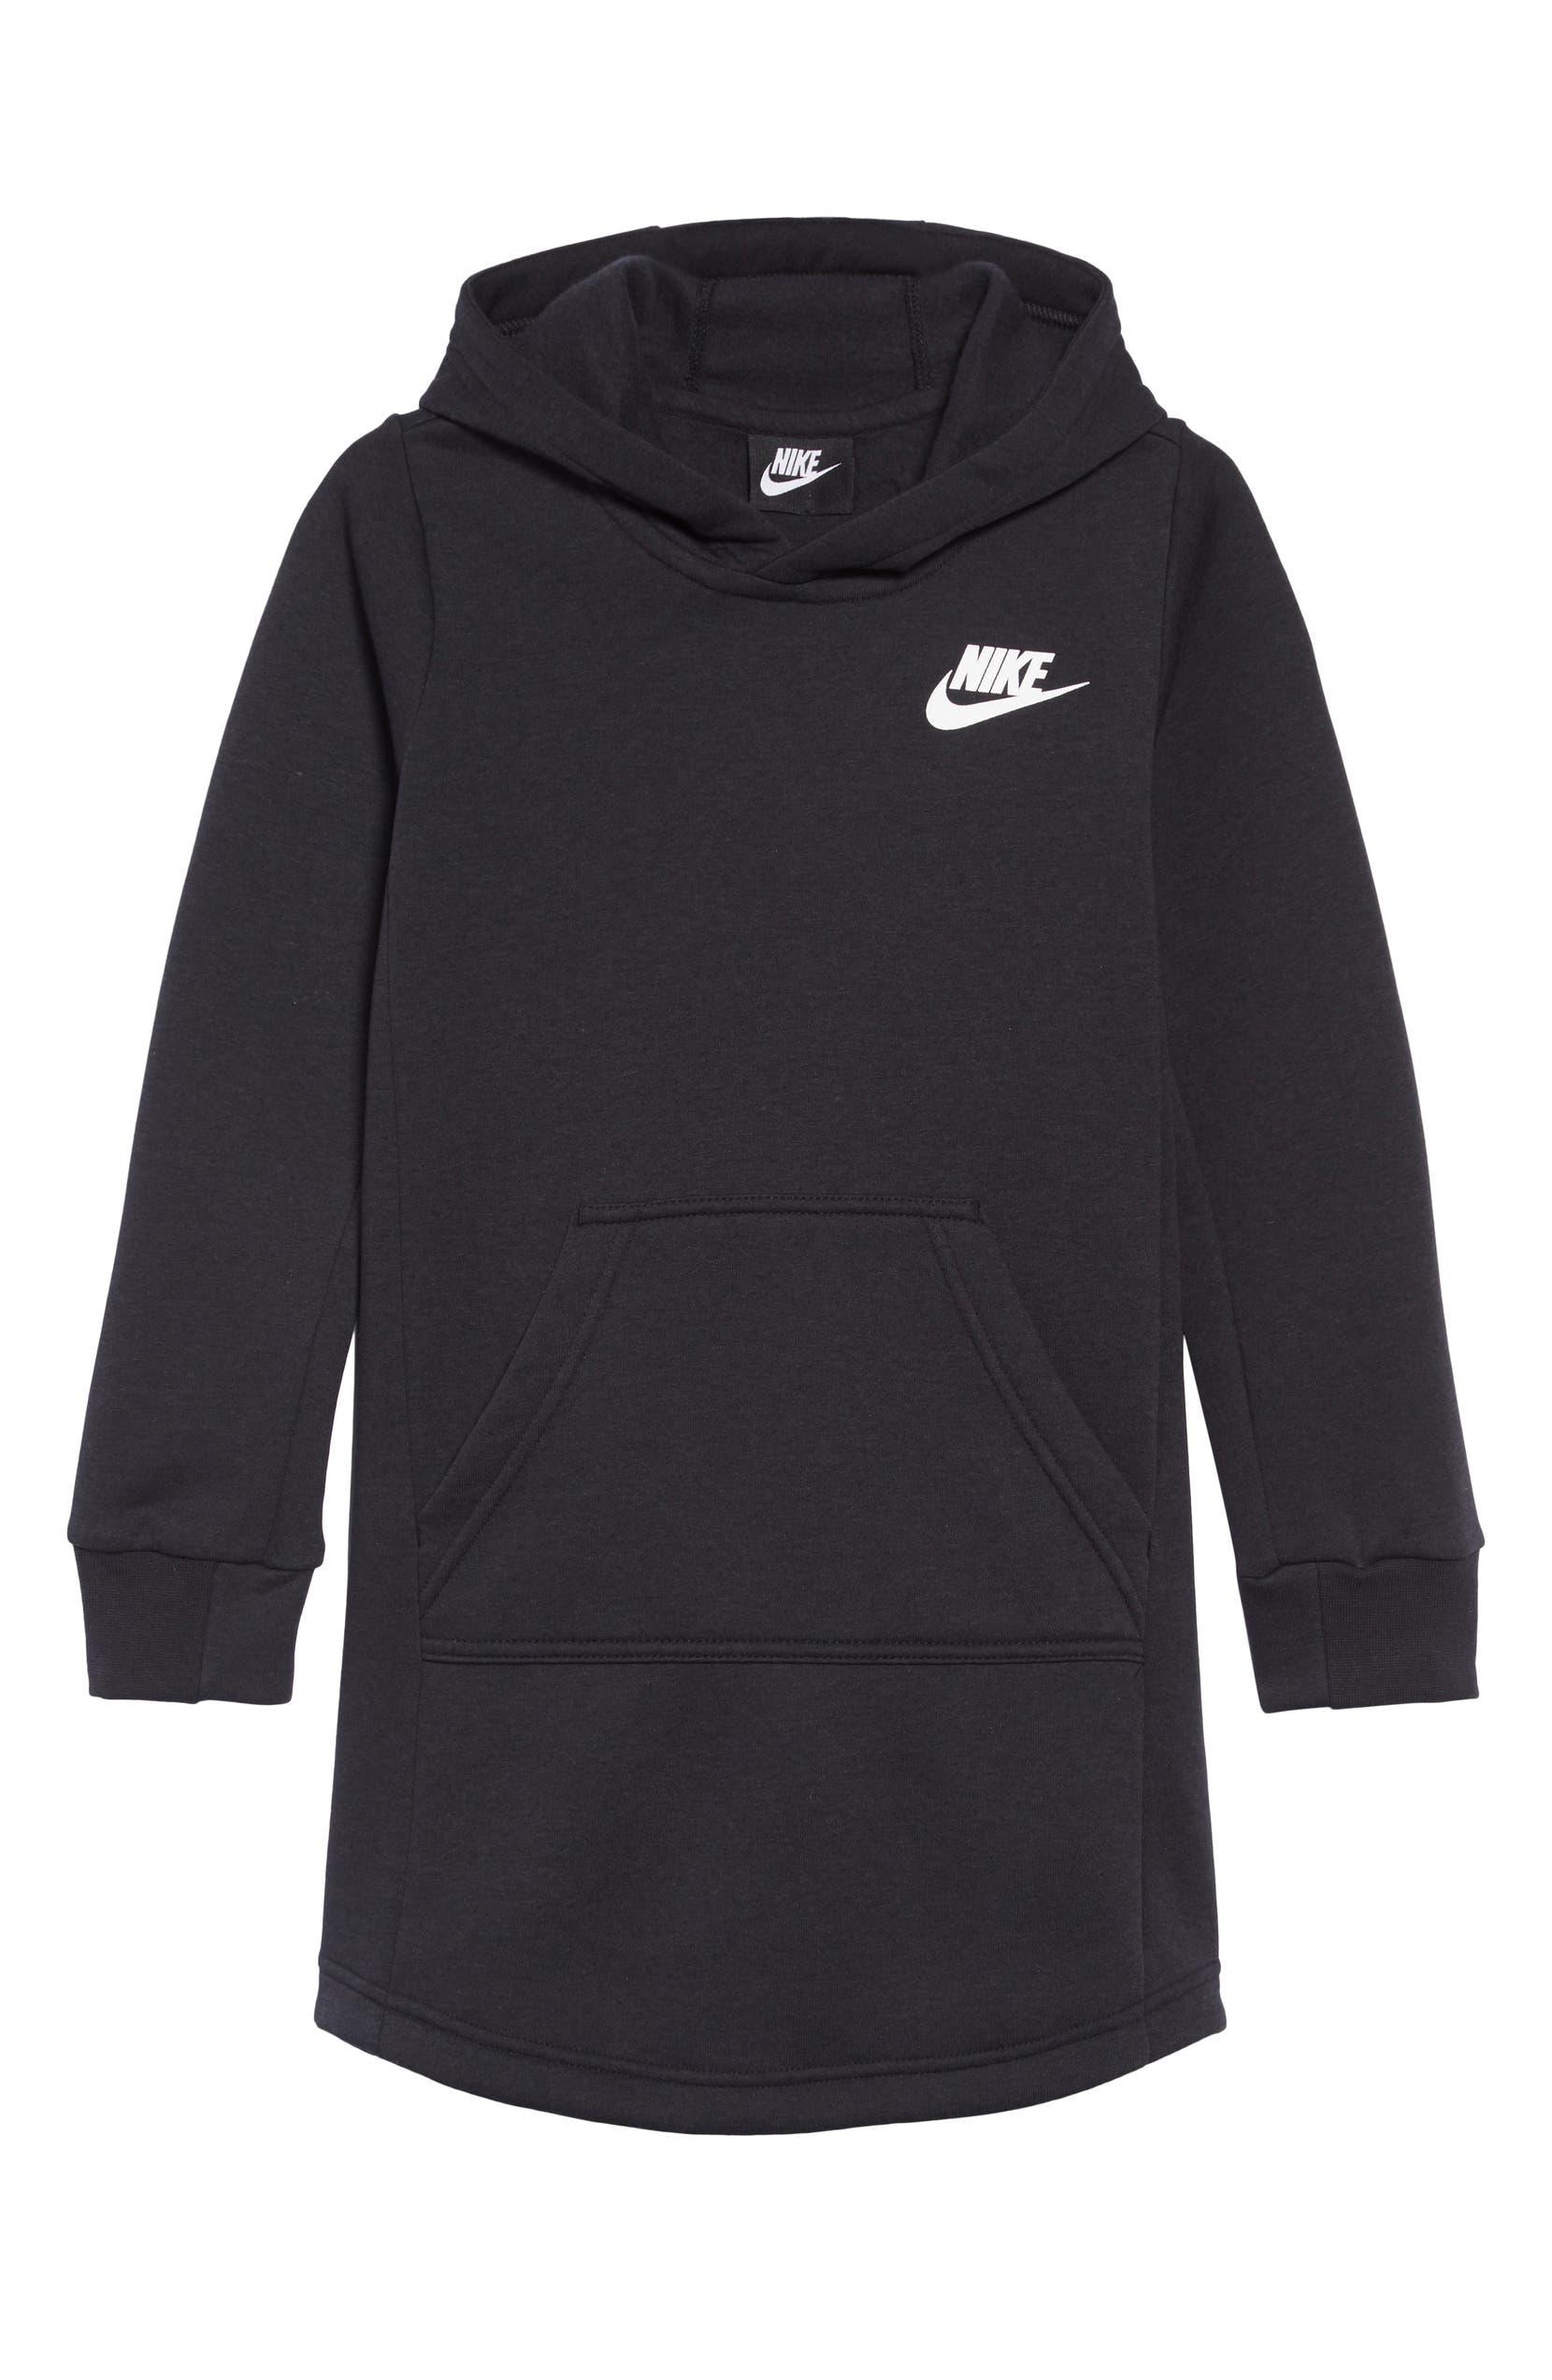 11166a44d233 Nike Sportswear Hooded Sweatshirt Dress (Big Girls)